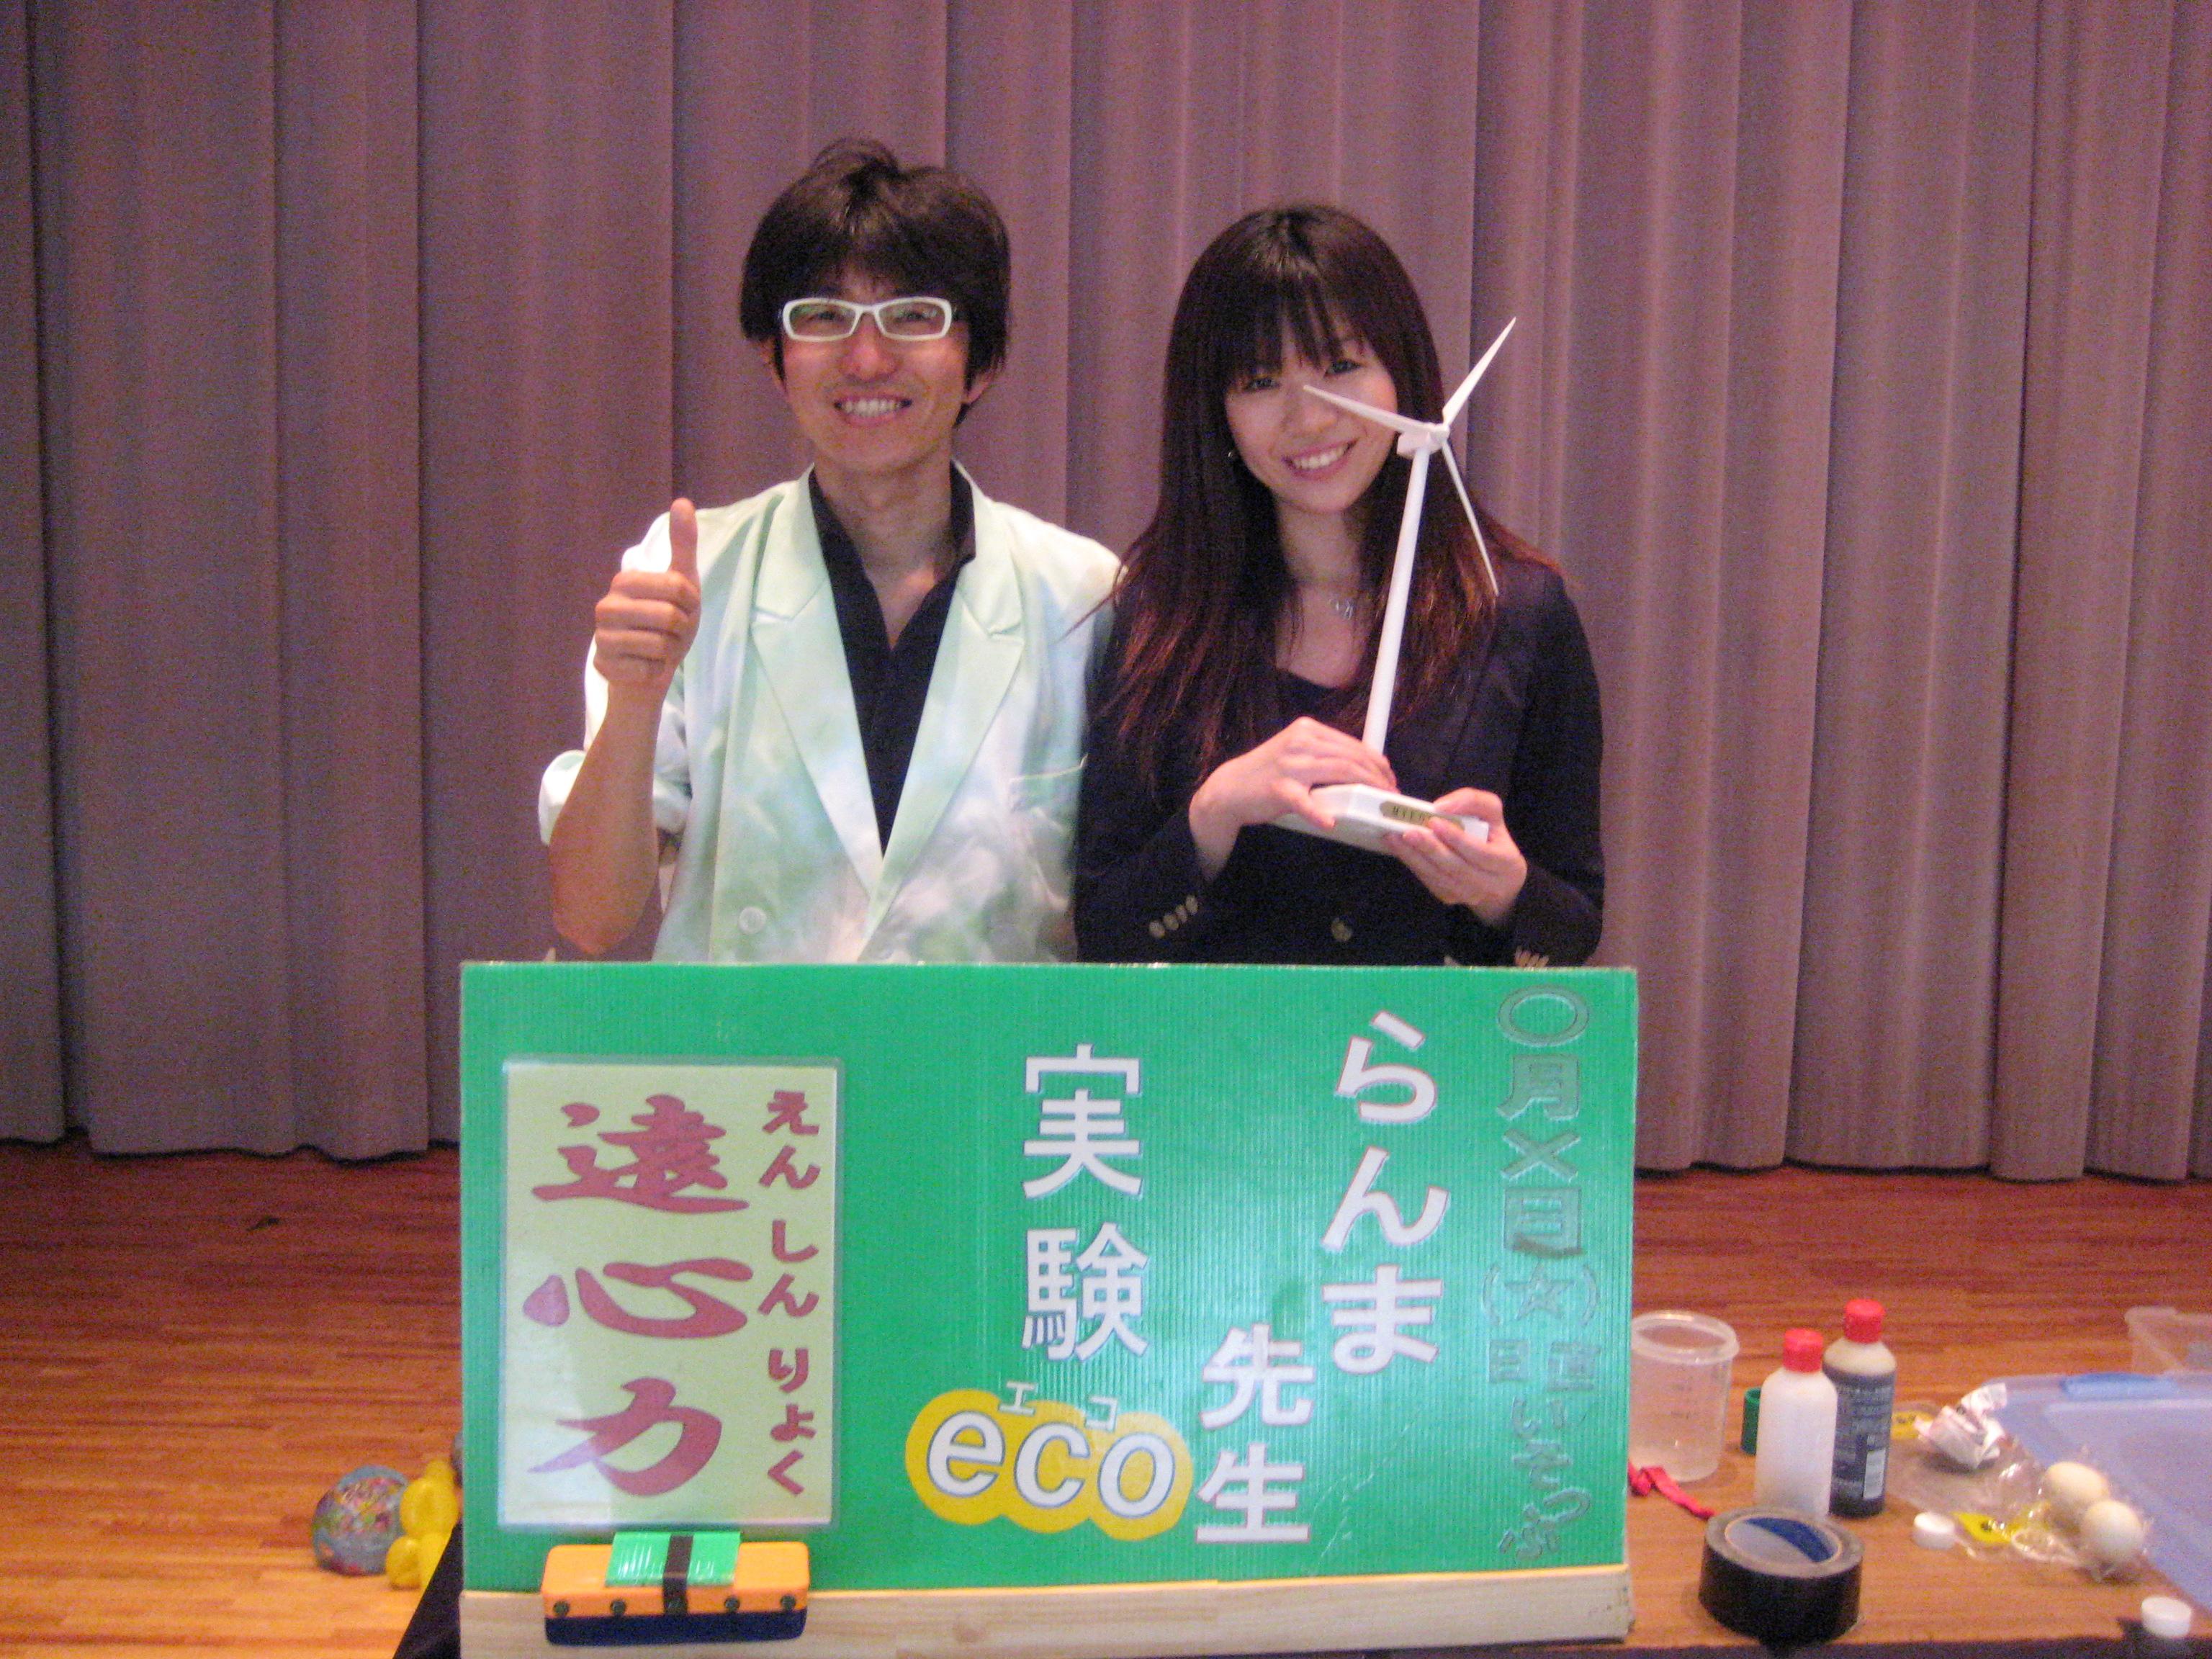 RanmaSensei_2010.3.5.jpg.JPG